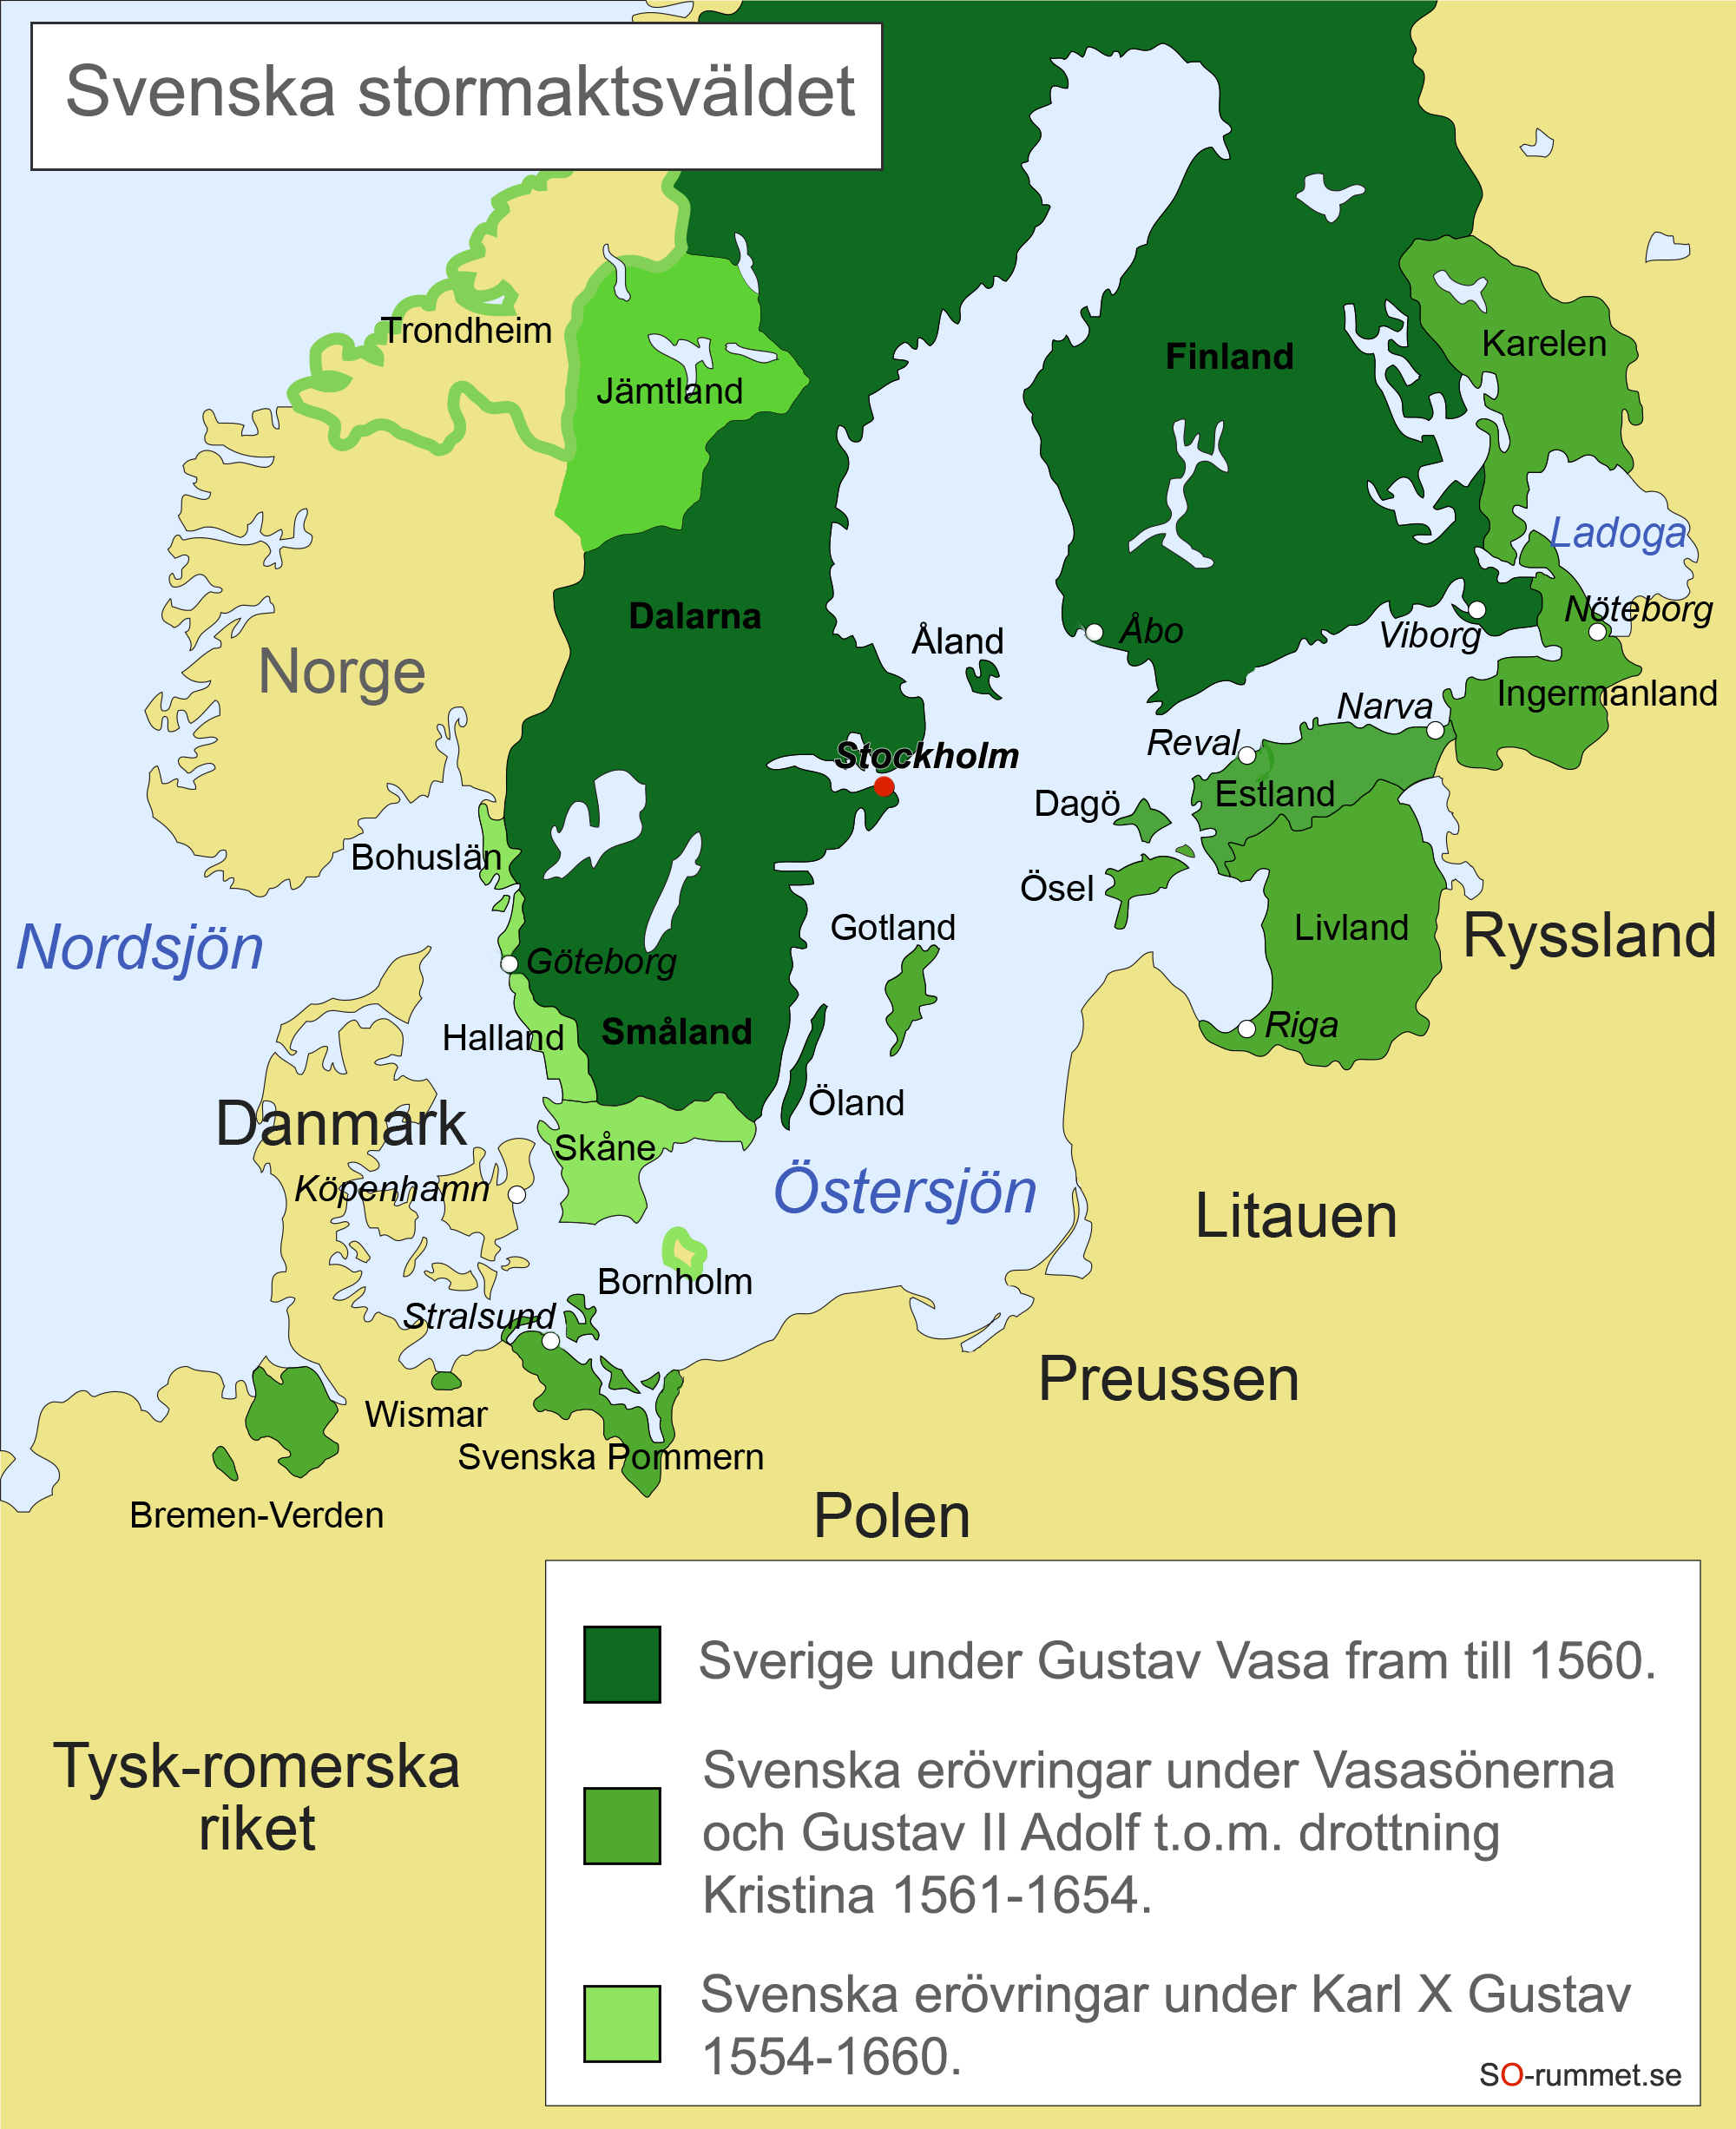 Karta Over Sveriges 25 Landskap.Stormaktstidens Sverige Nya Tiden Historia So Rummet